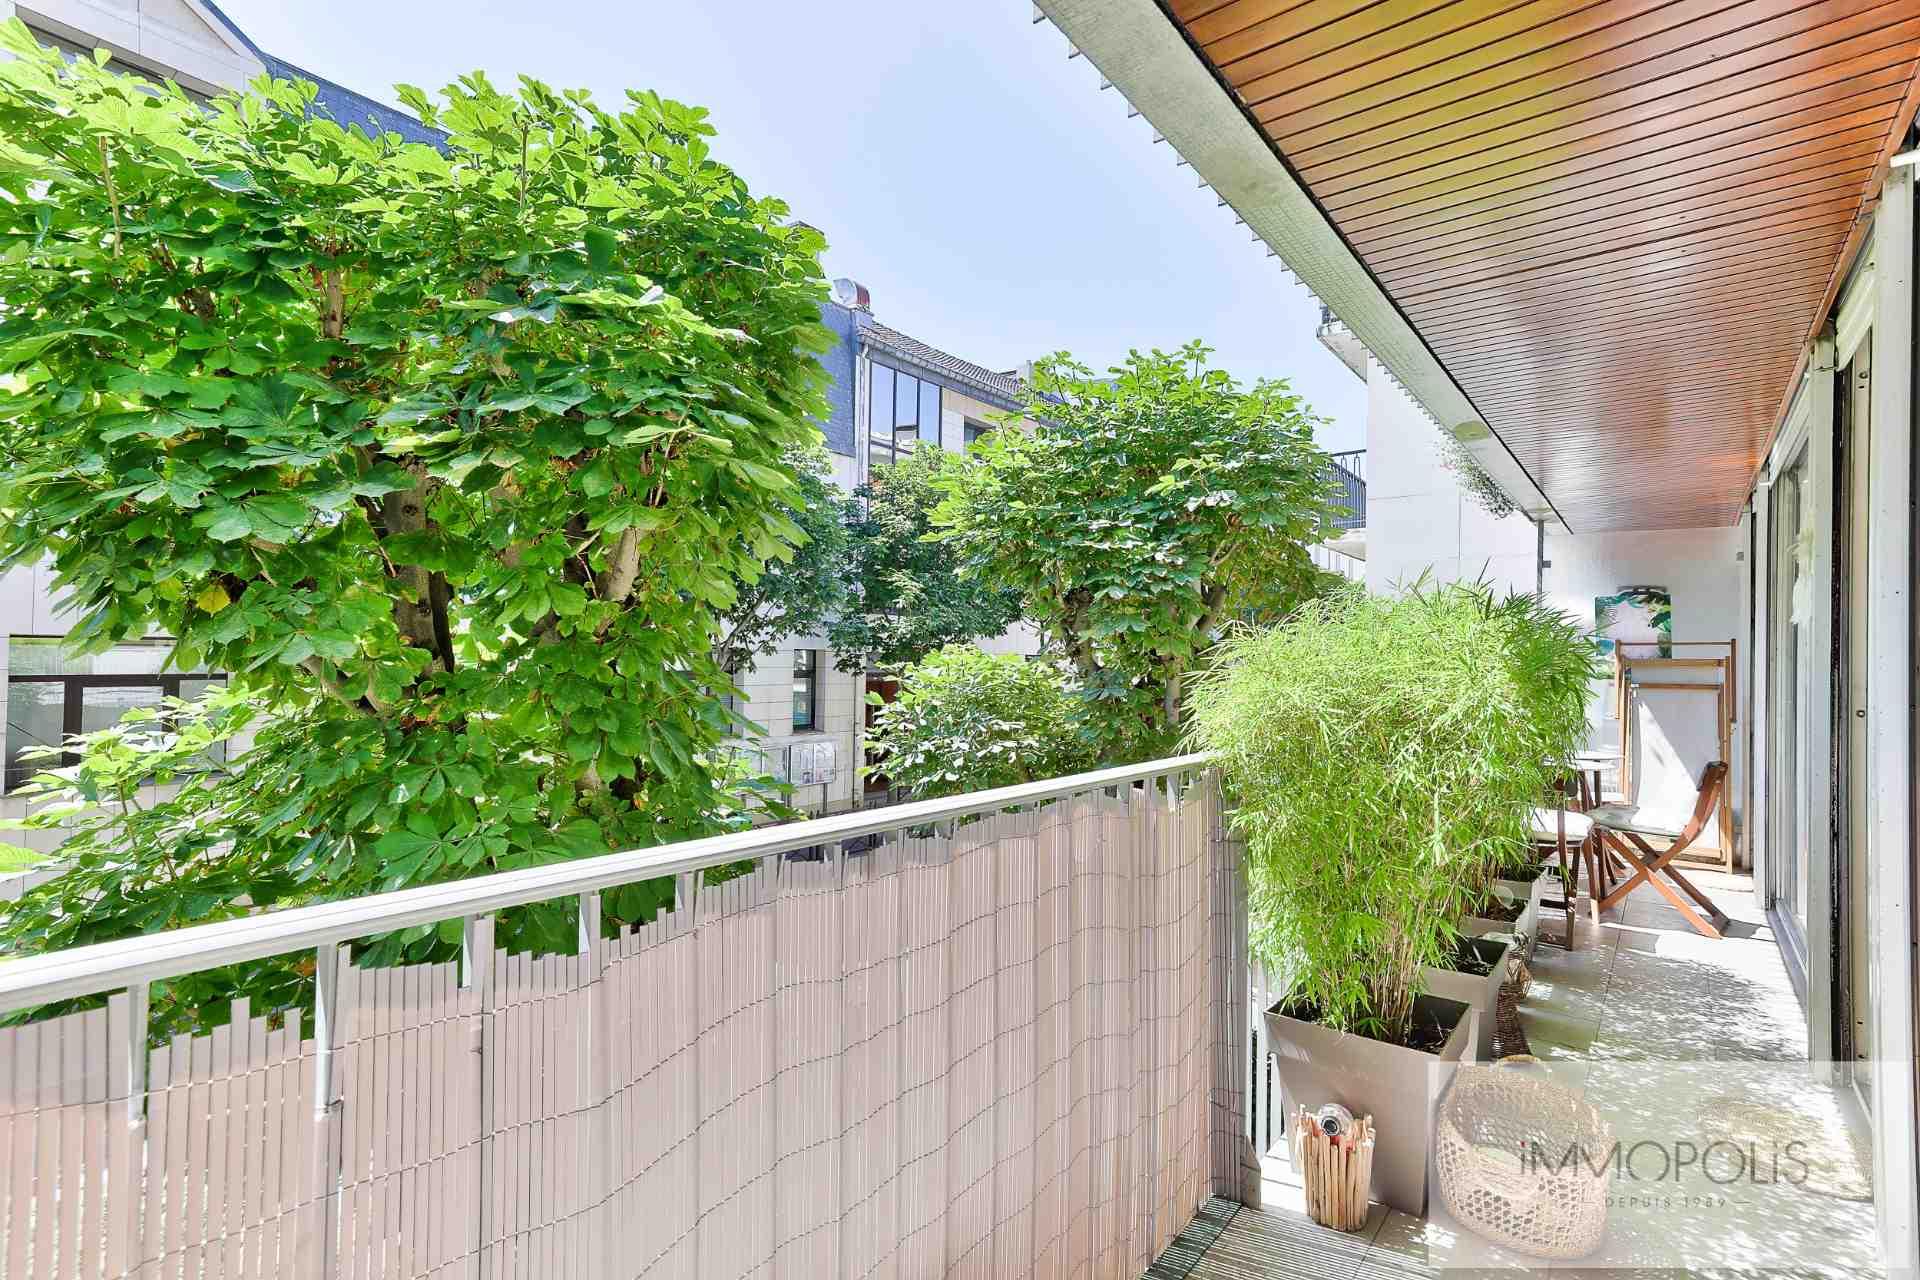 Quartier des Huissiers (proche Pont de Neuilly) : bel appartement traversant sur rue très calme et sur jardins, avec deux terrasses, cave et parking ! 8